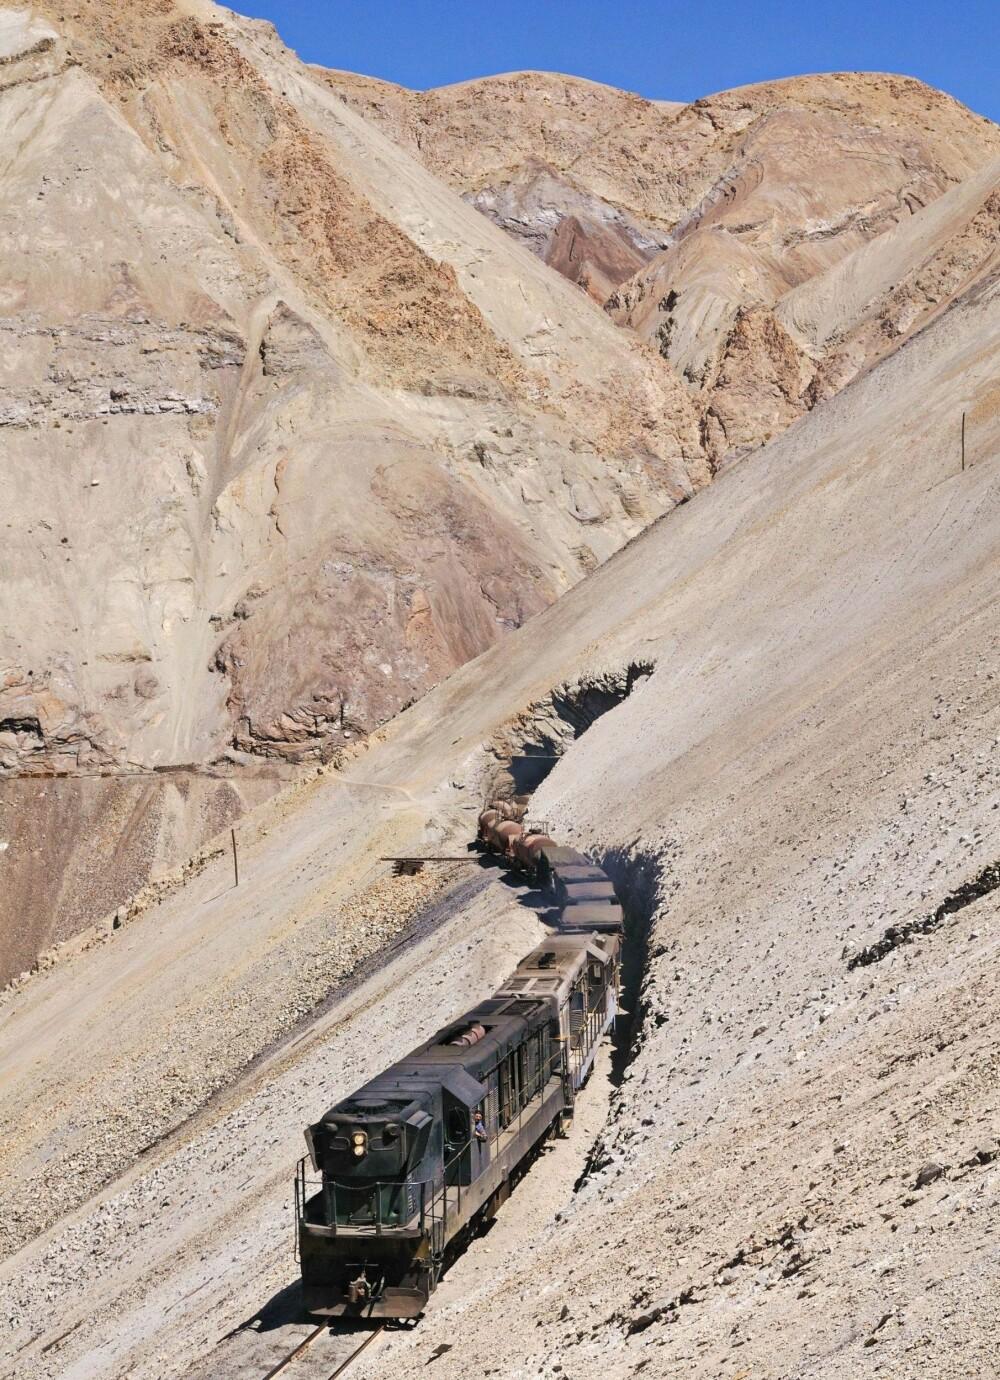 TIL VÆRS: Et tog på Ferronor-banen klatrer opp de bratte bakkene til Potrerillos-kobberraffineriet nær Diego de Almagro i Chile. Dette er en av de mest iøyenfallende delene av linja mellom Montandon og Potrerillos. Smelteverket ligger 2900 meter over havet.